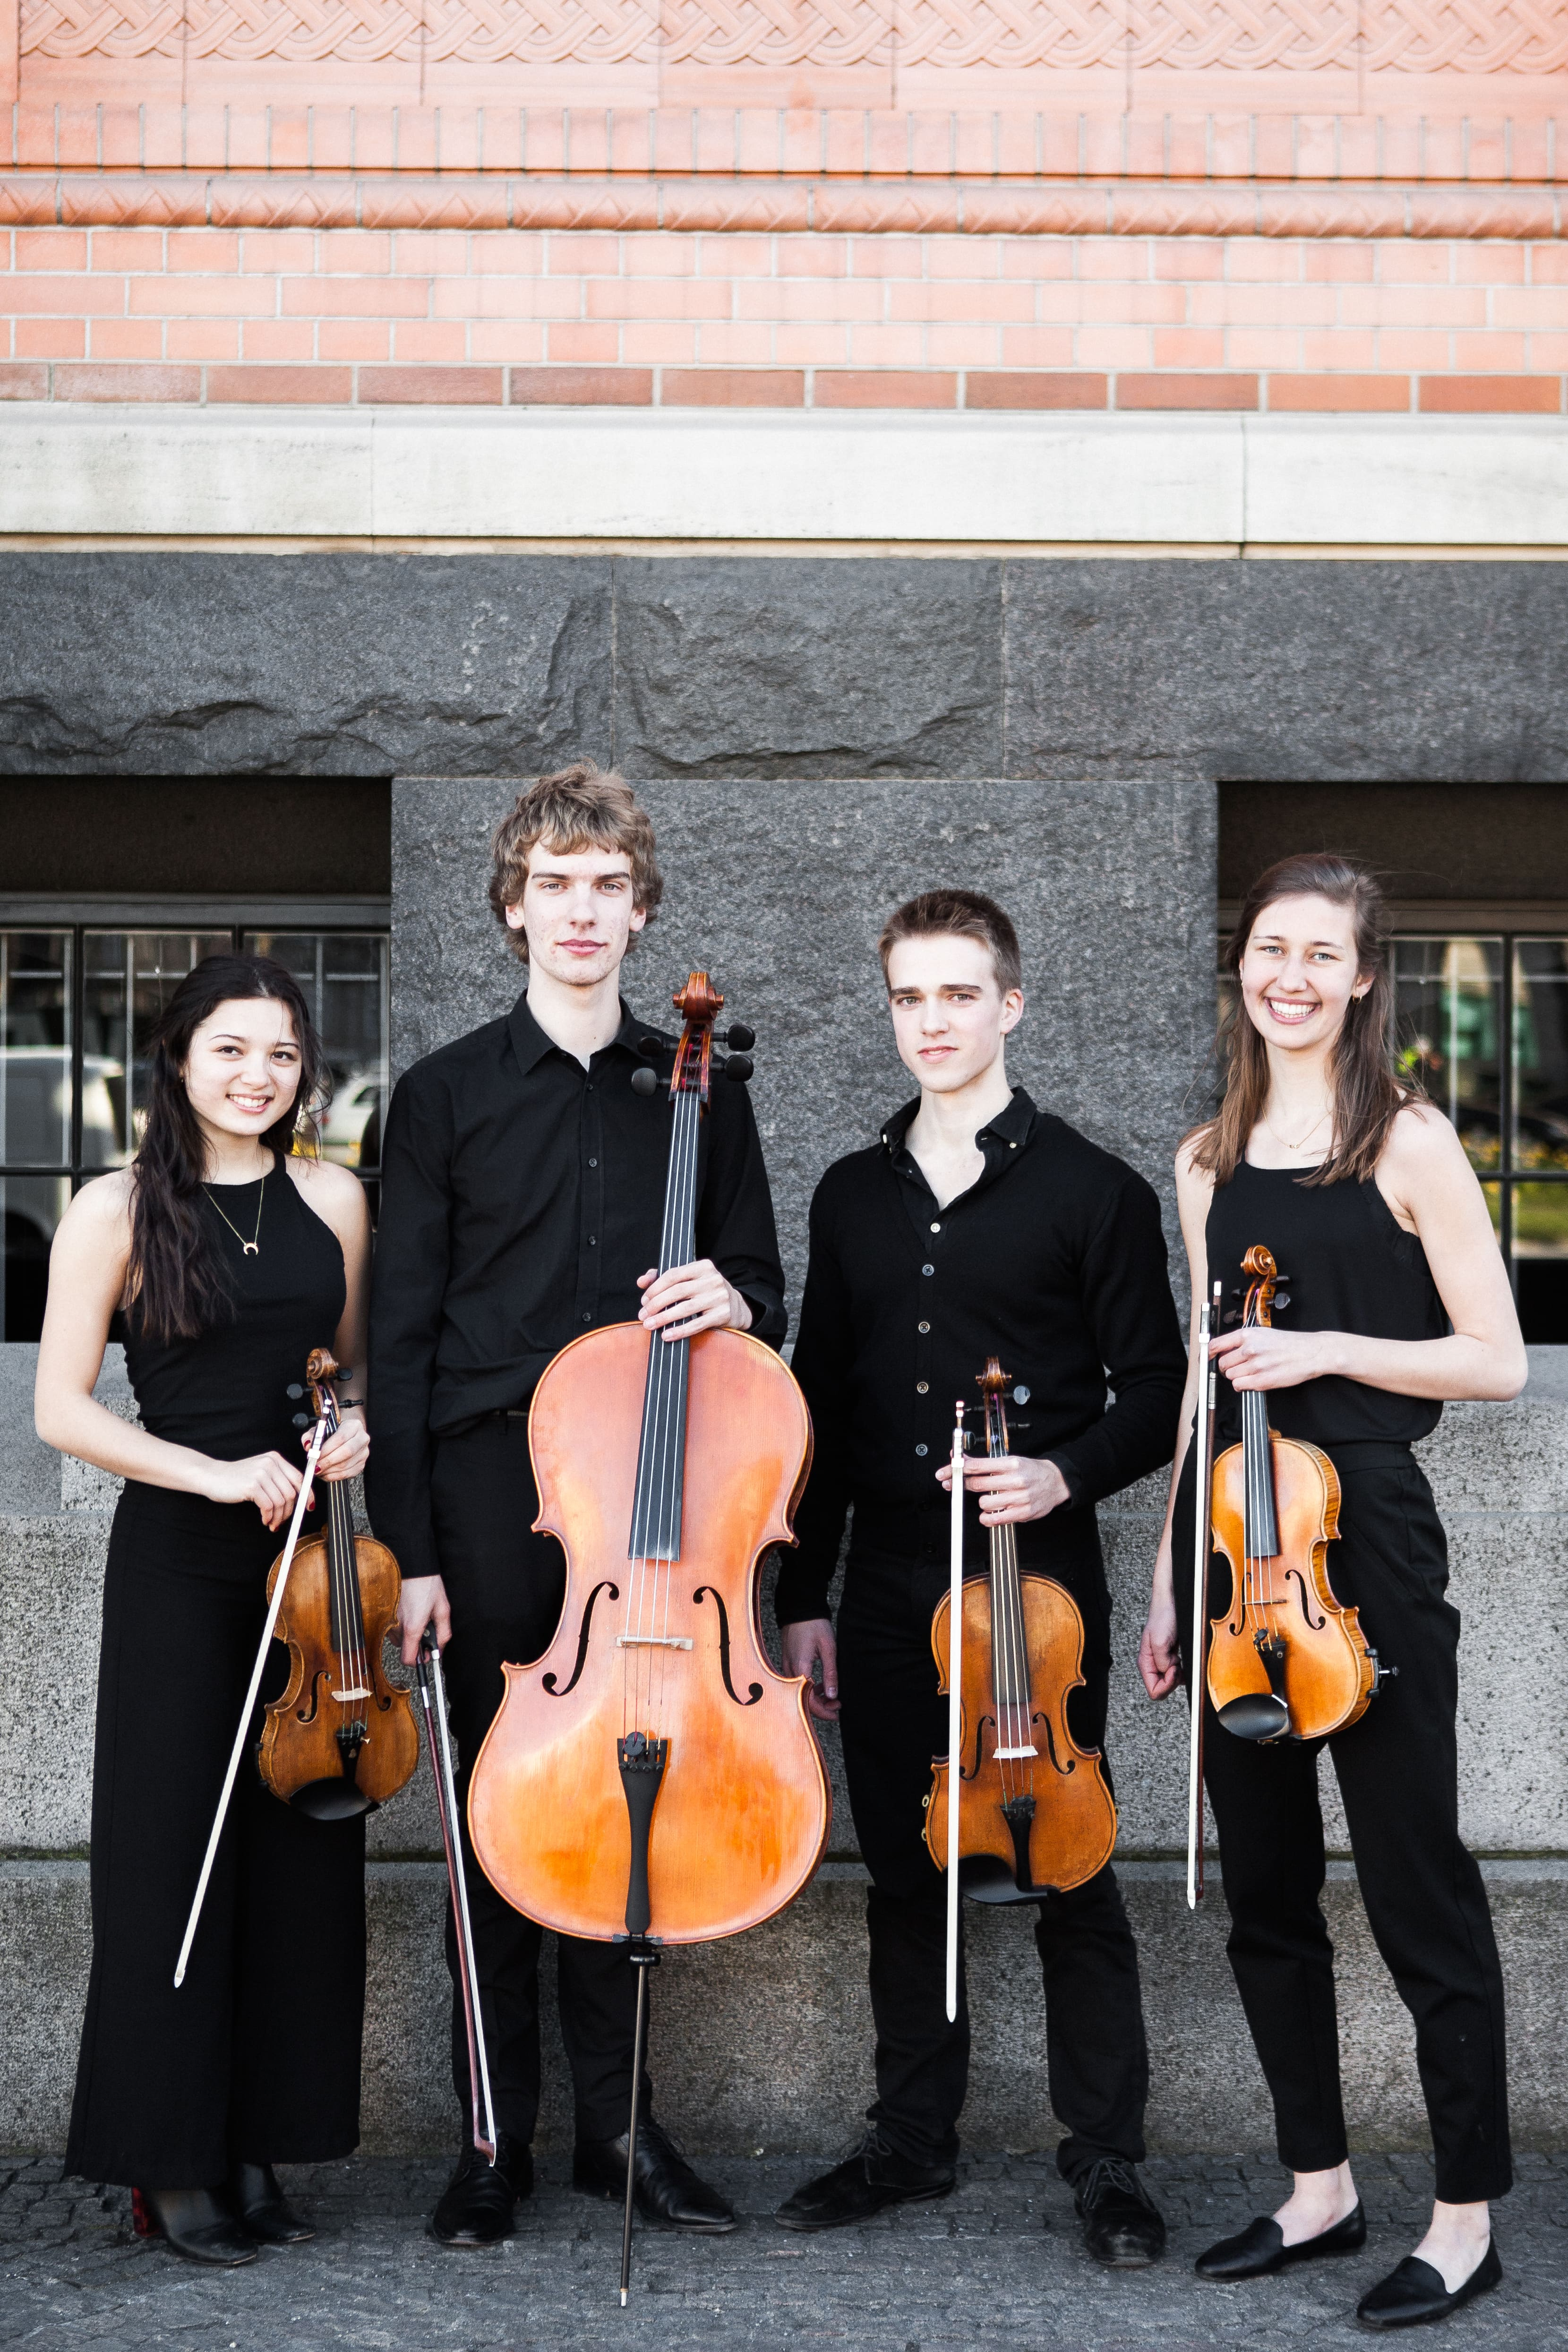 Koncert Katokvartetten d. 30. maj 2017 kl.19.30